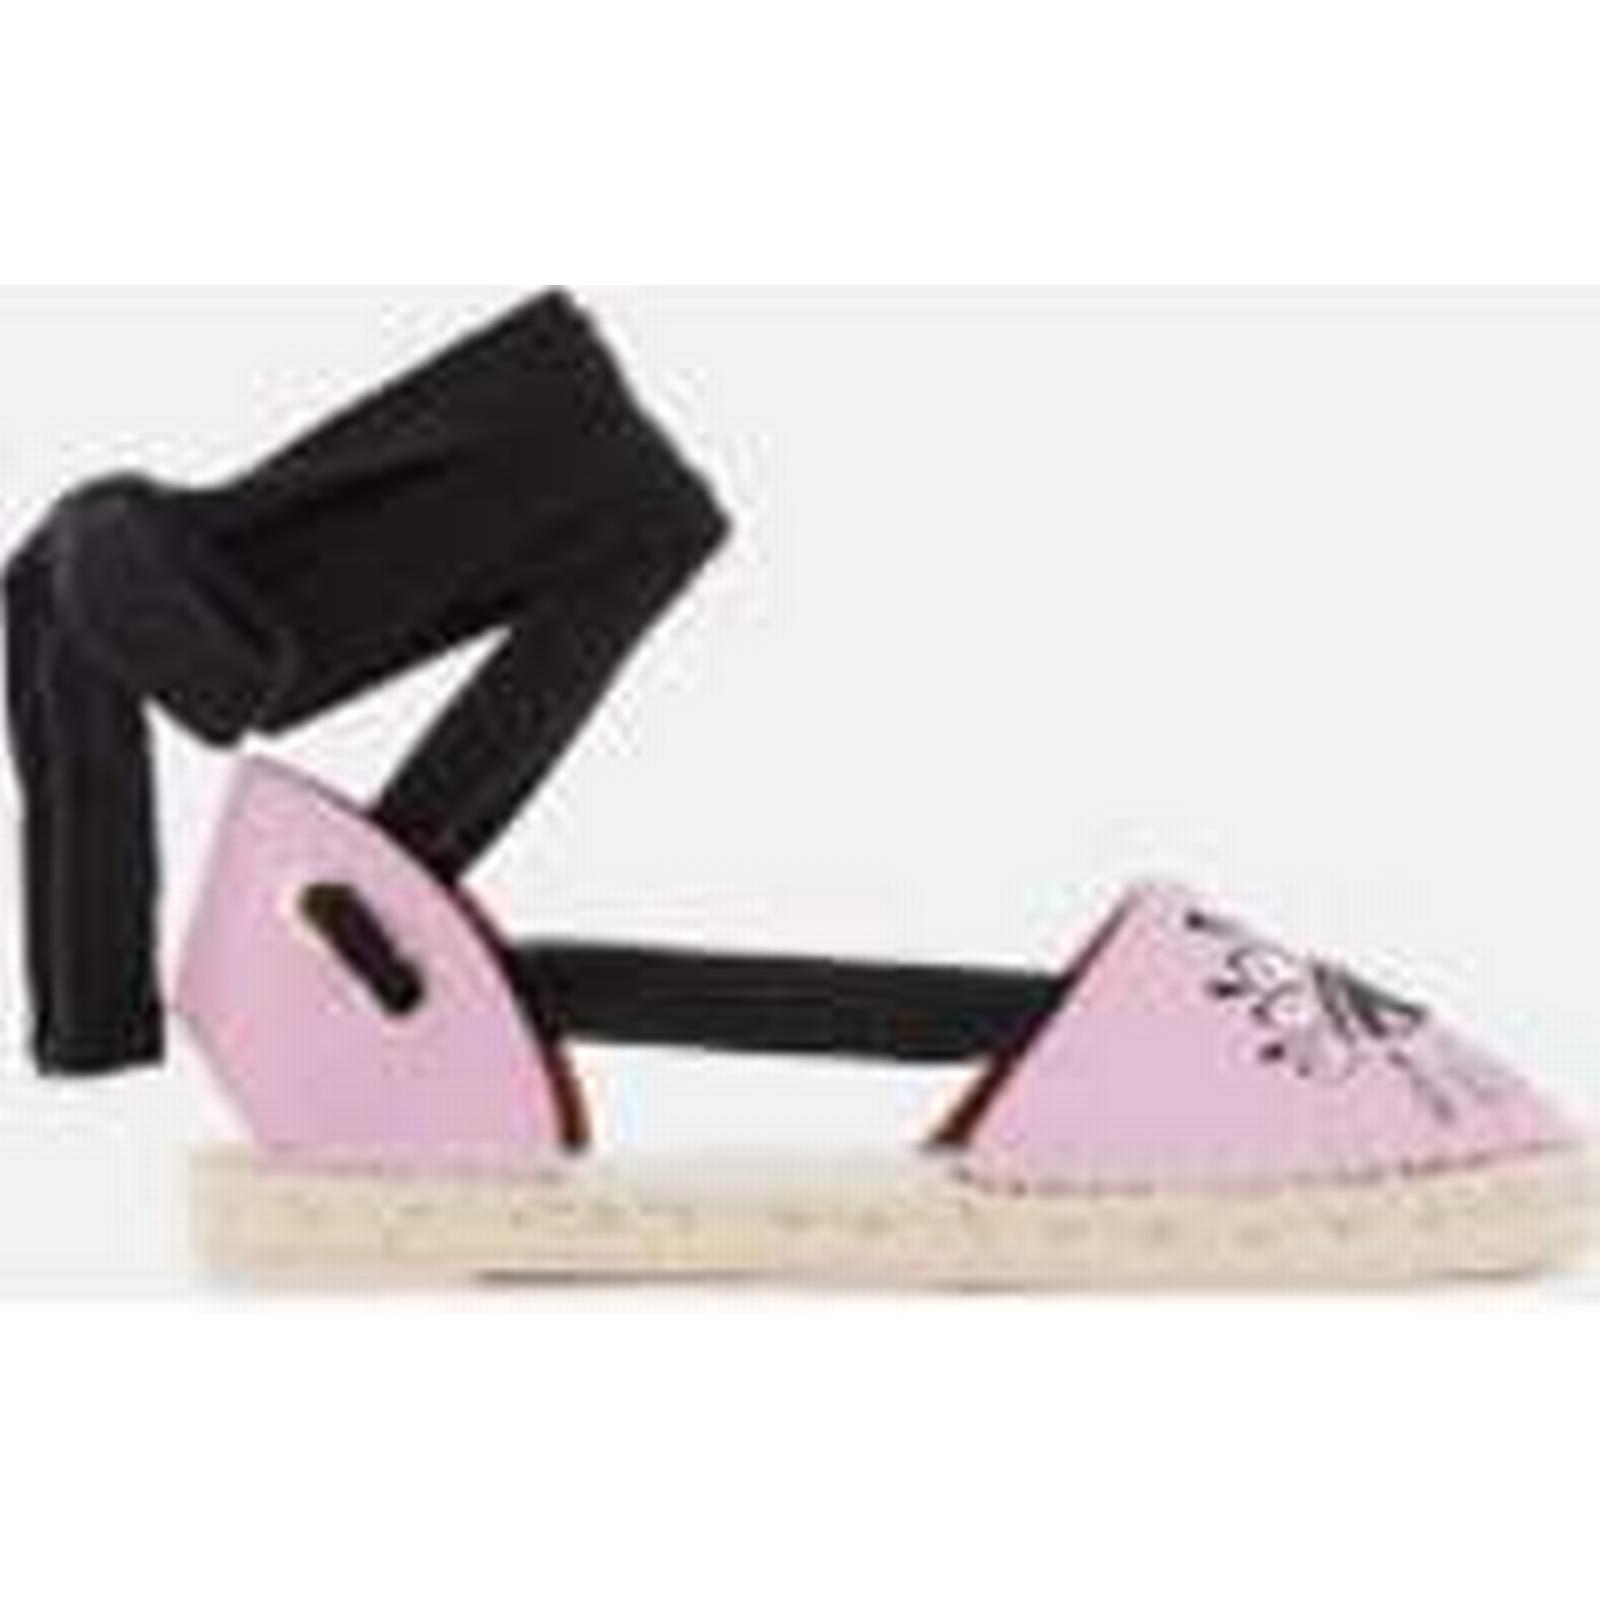 KENZO Women's City Espadrilles - Flamingo Pink - Pink UK 3/EU 36 - Pink - a29729